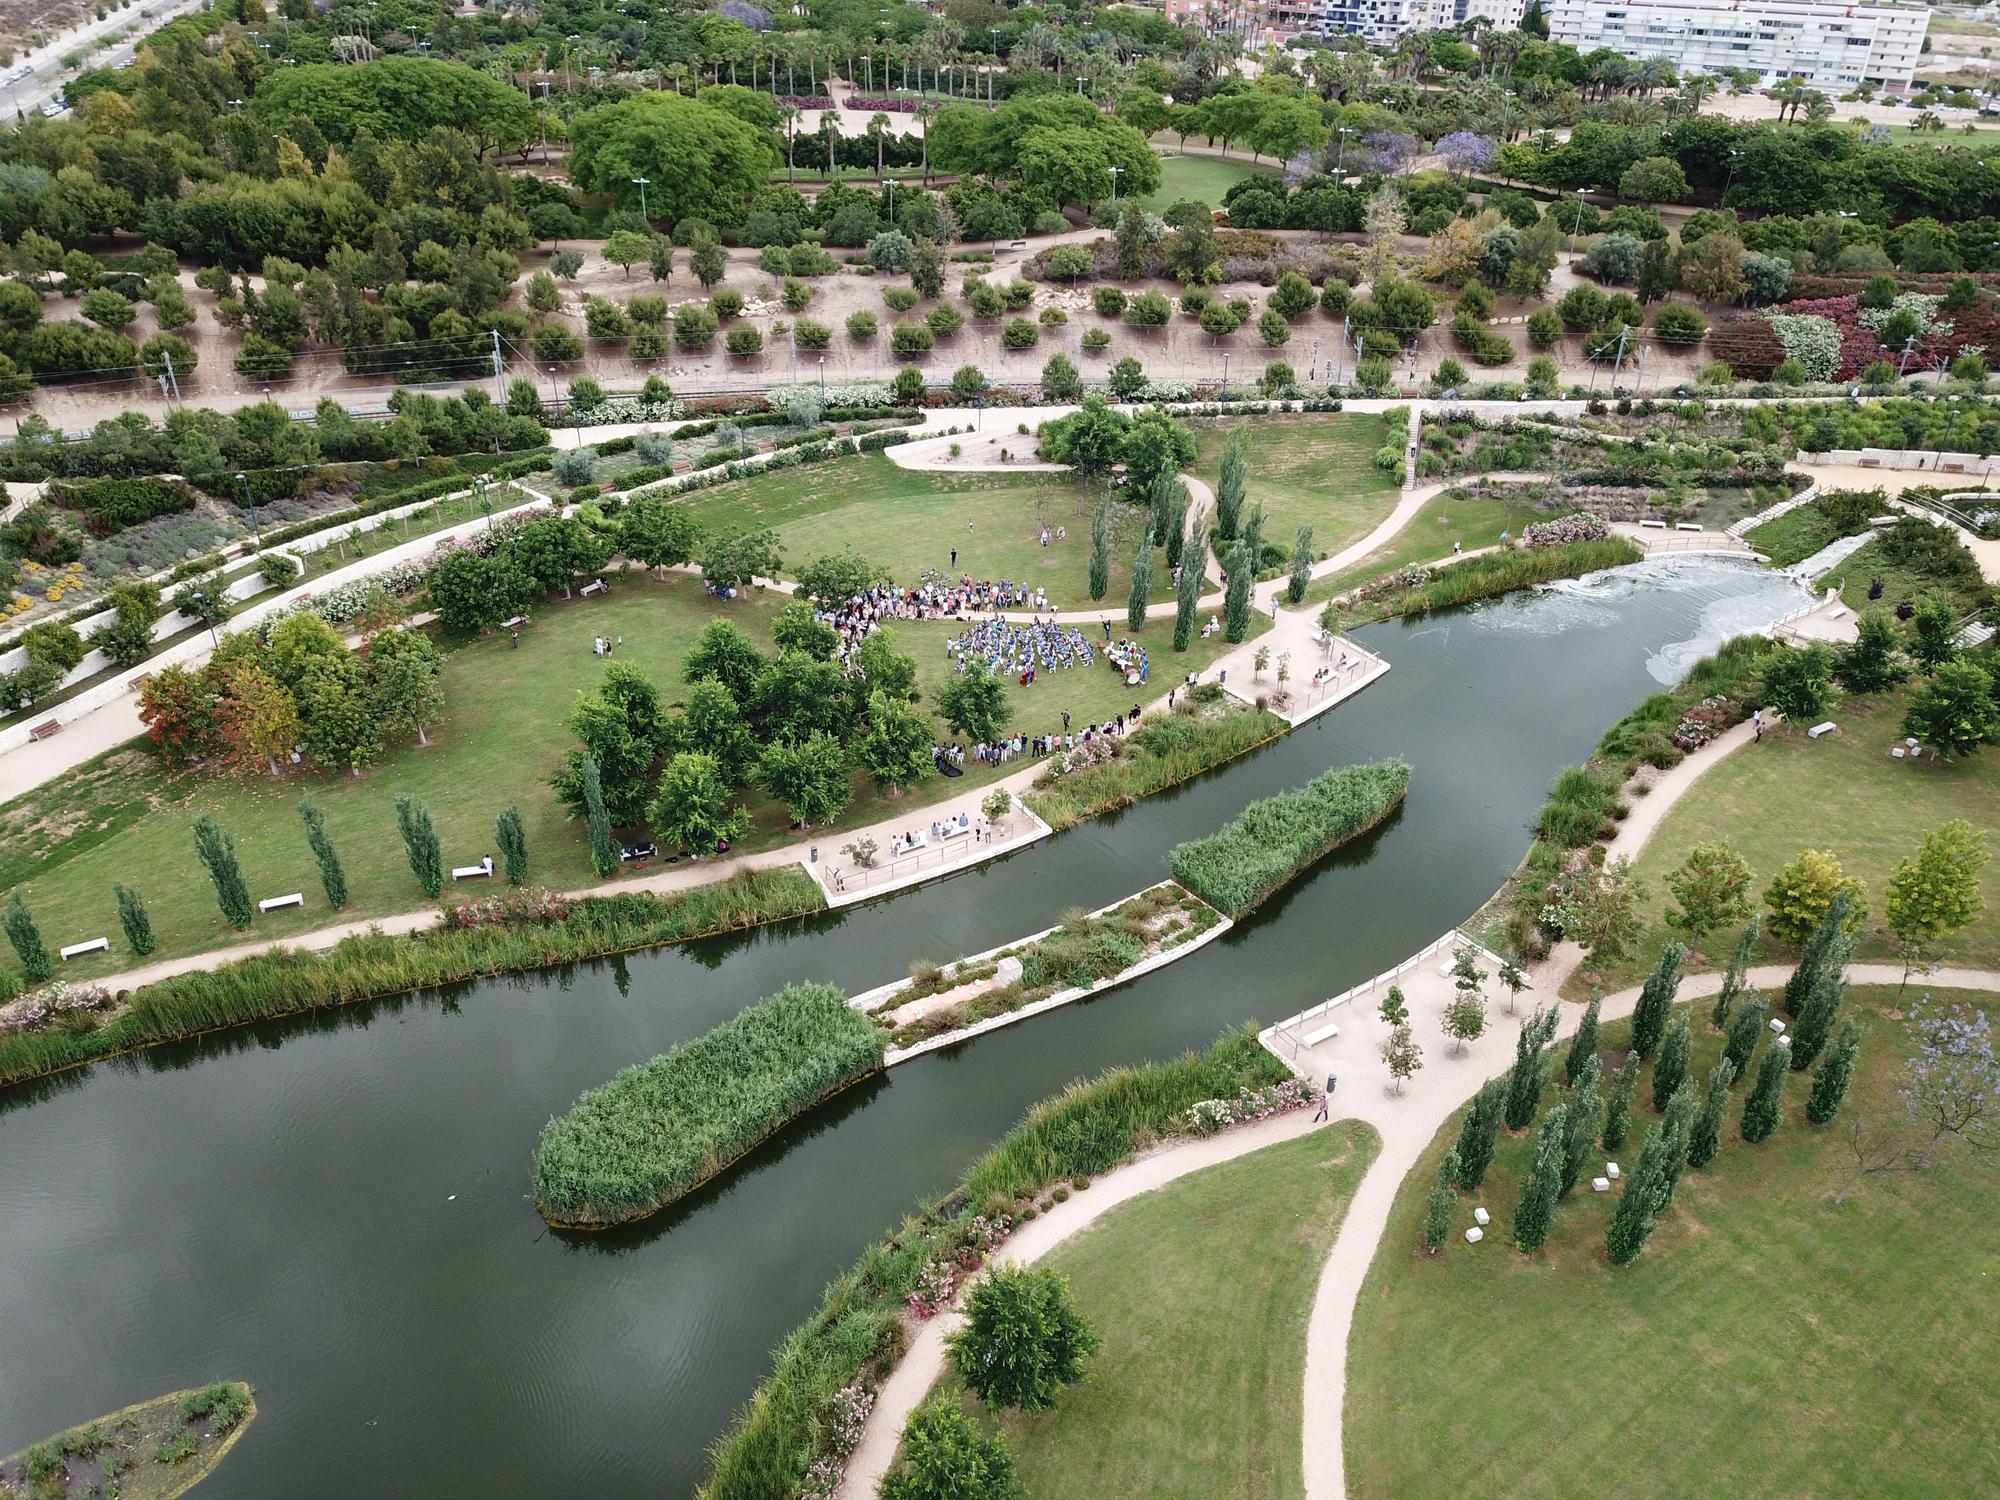 Cuenta además con el aliciente de ser el primer parque urbano inundable de España, por lo que sobran los motivos para visitarlo.